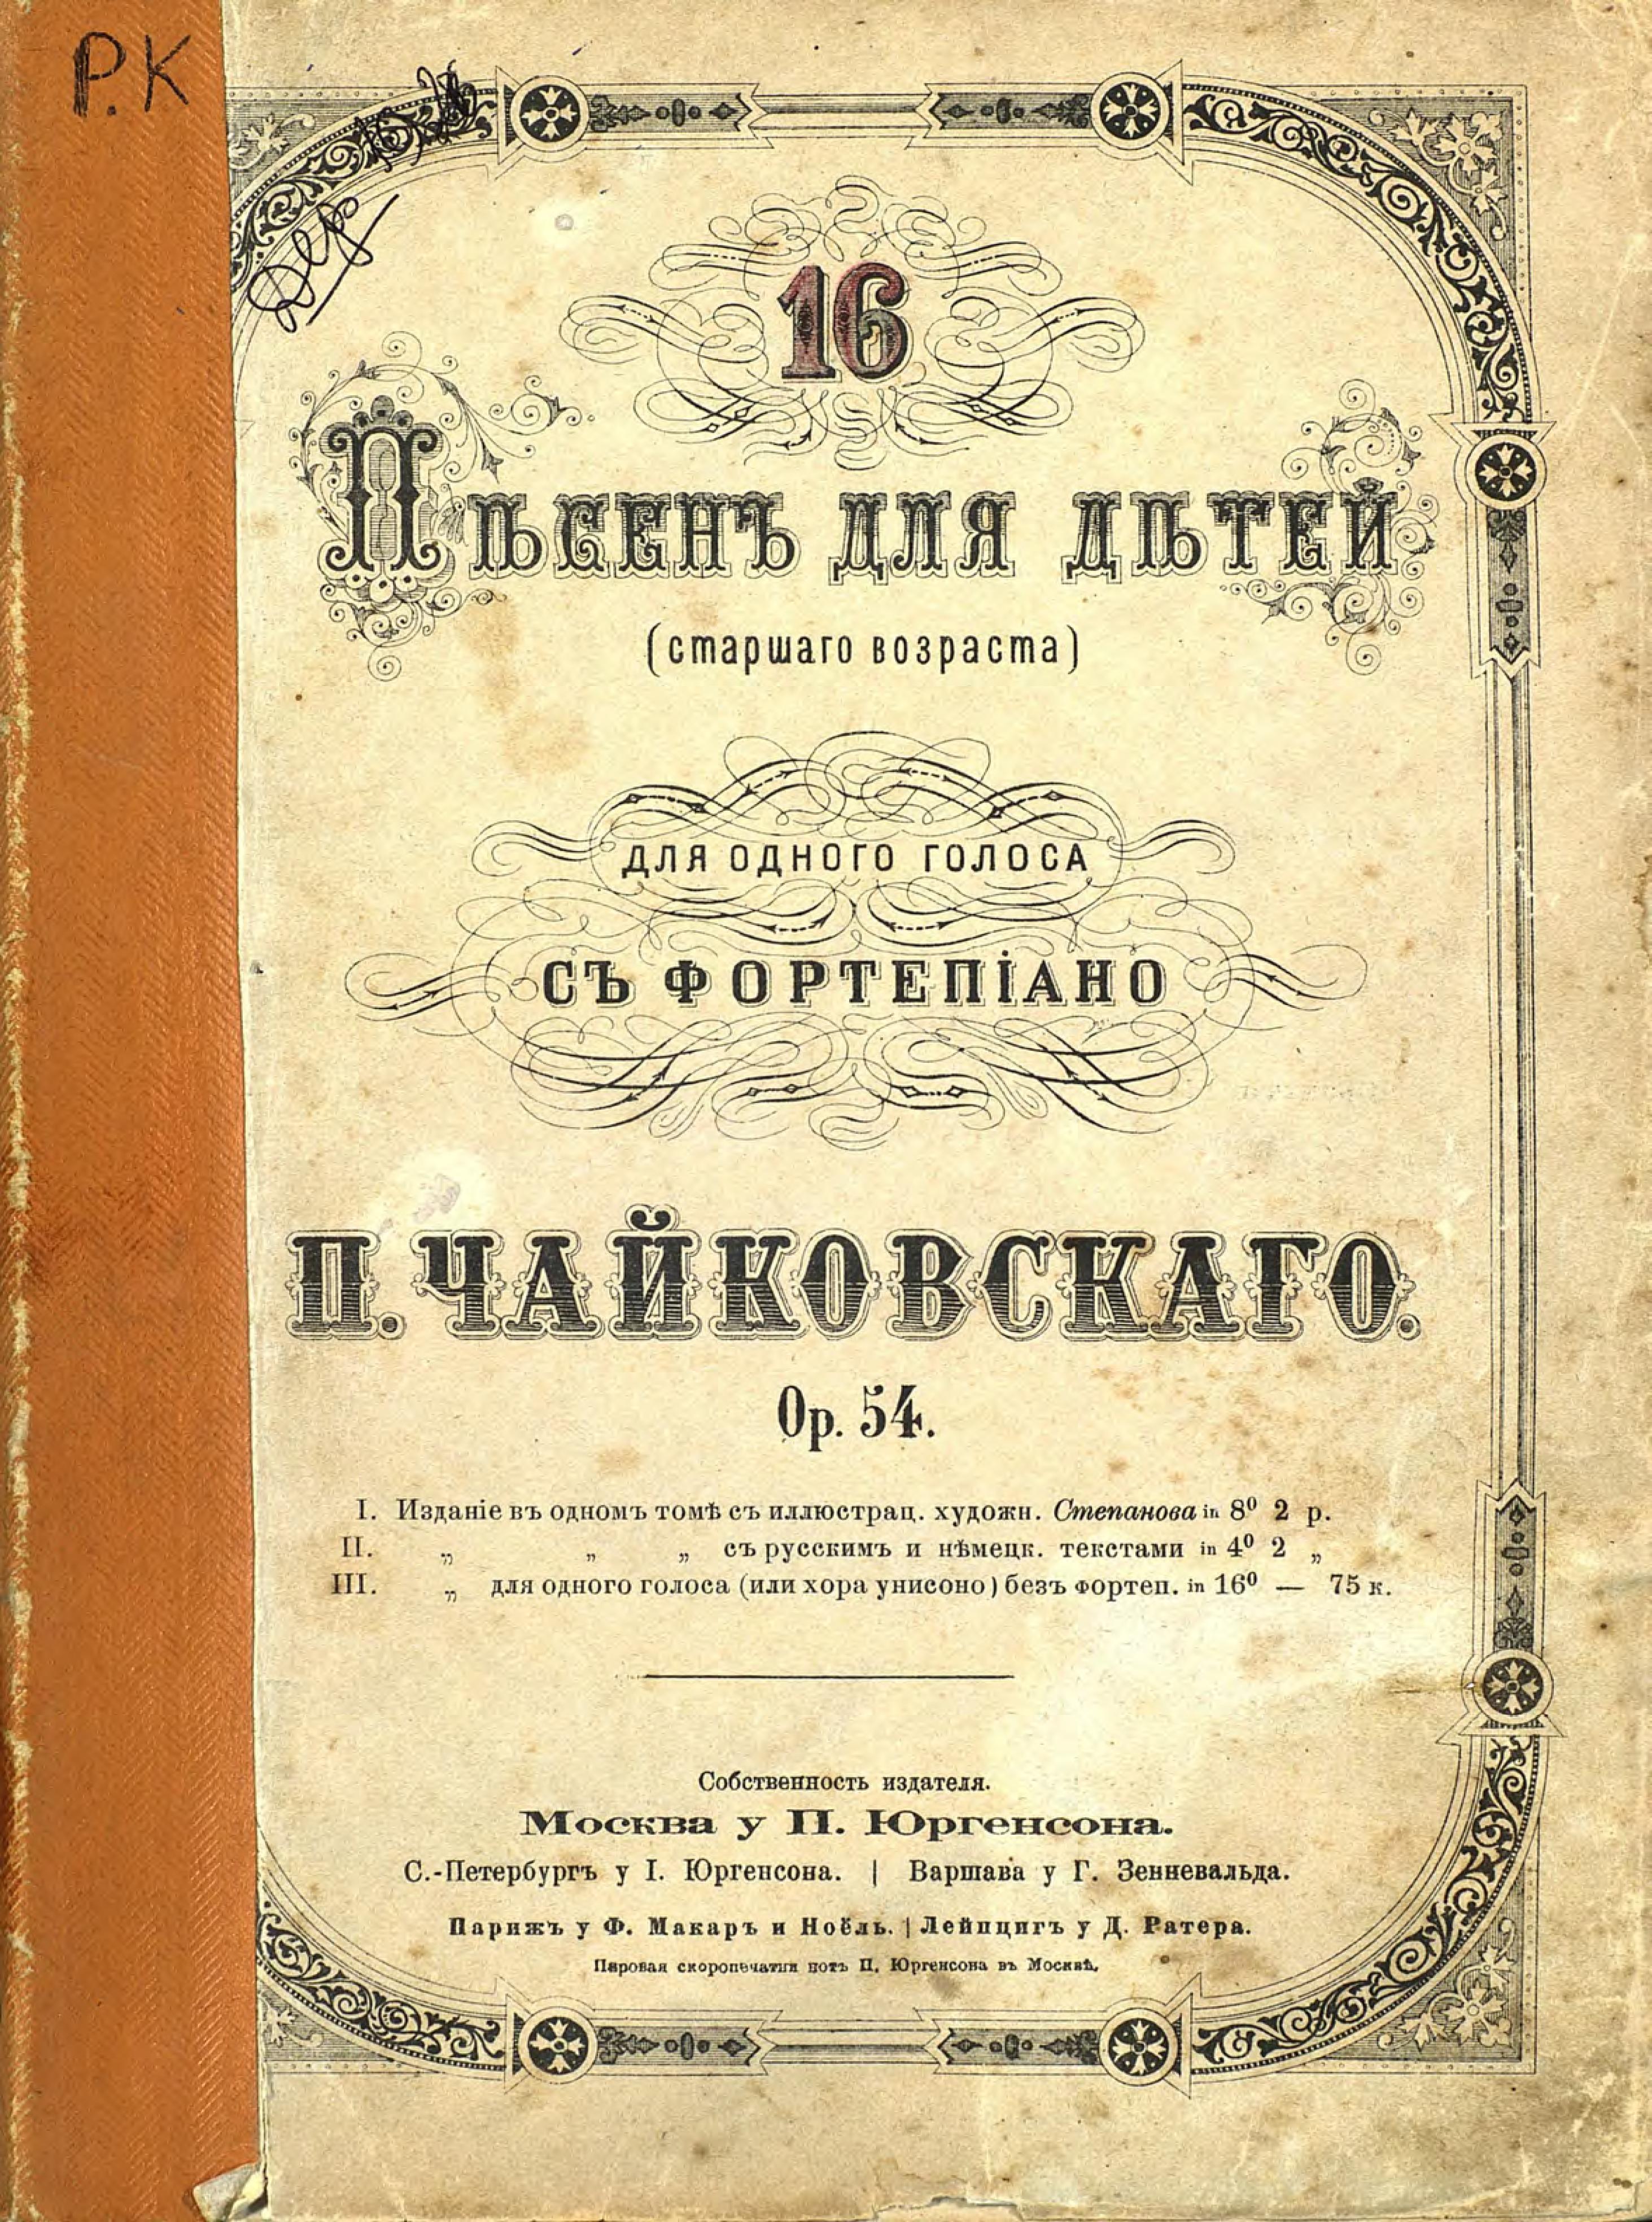 Петр Ильич Чайковский 16 песен для детей (старшего возраста) для одного голоса с фортепиано стоимость